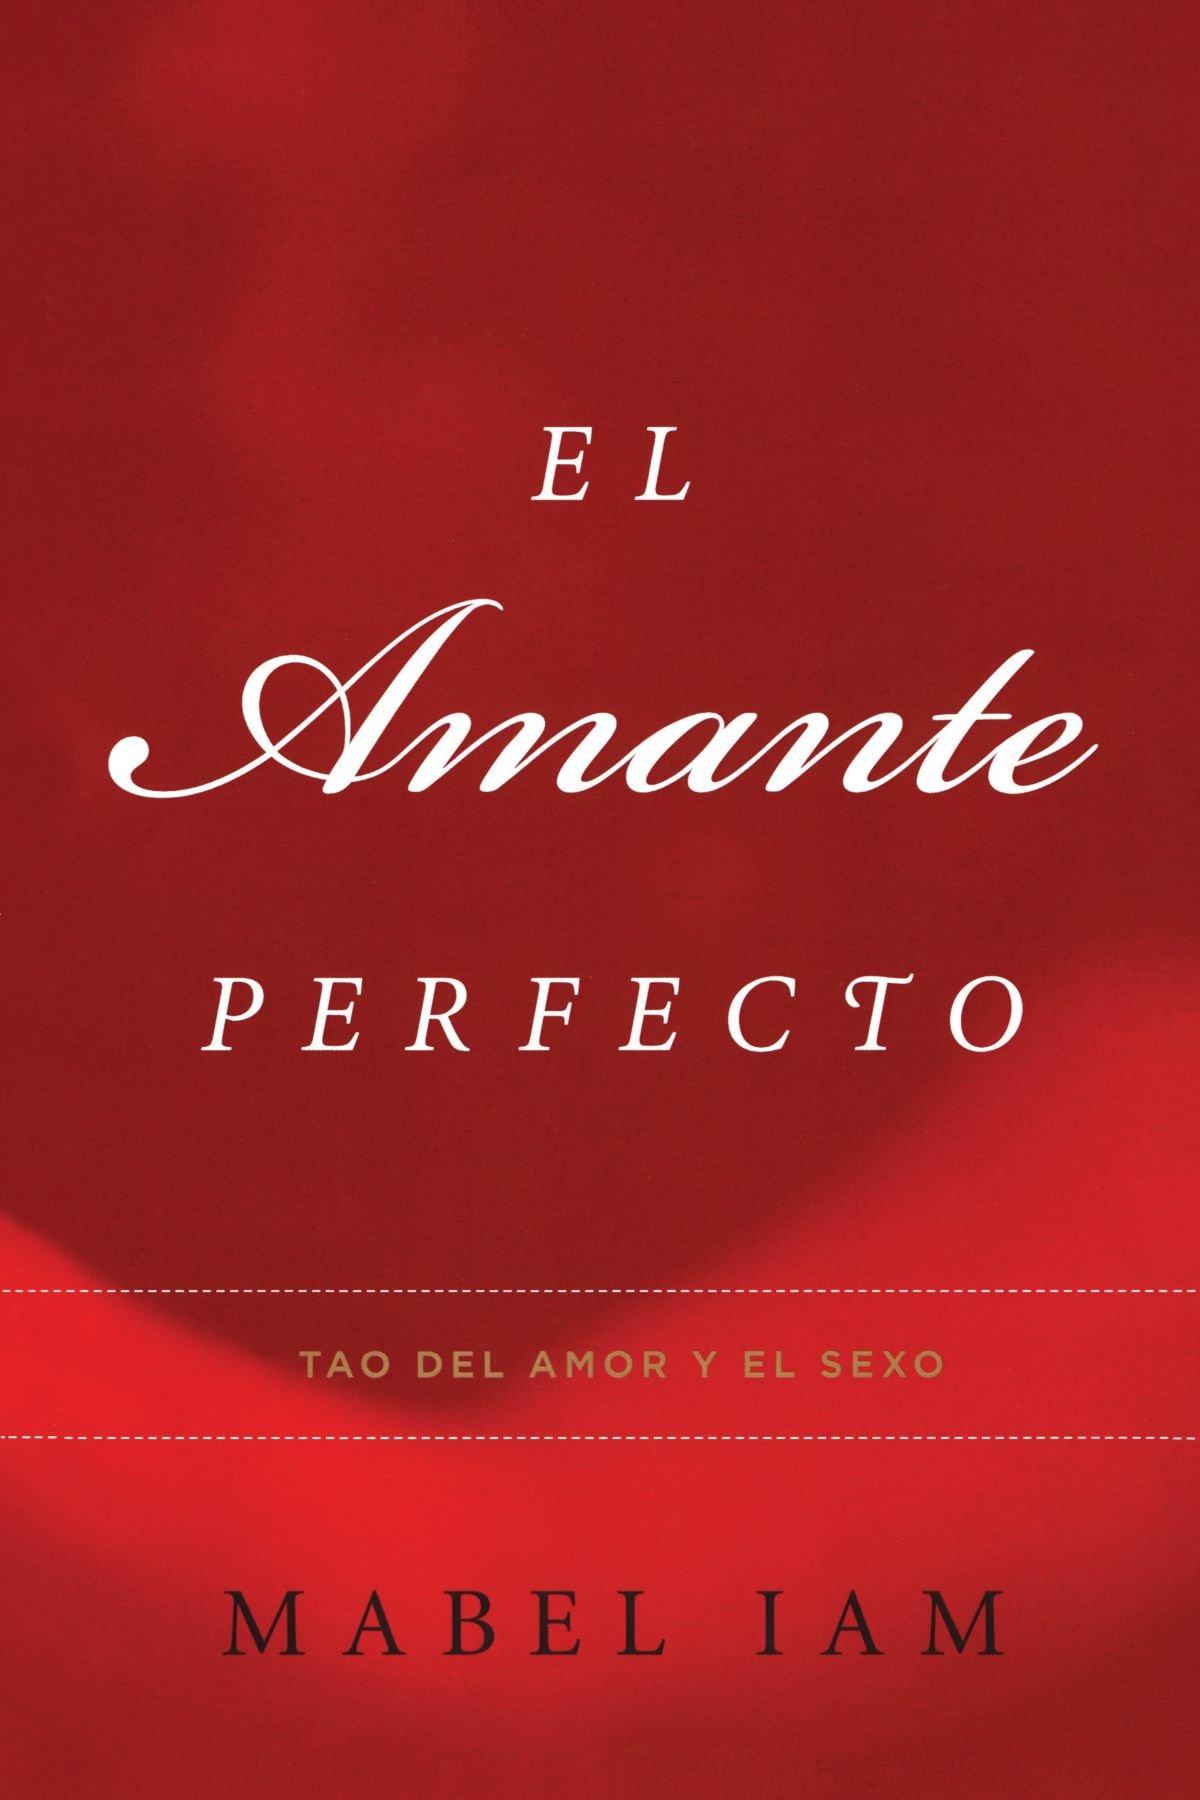 El amante perfecto tao del amor y el sexo atria espanol spanish edition mabel iam 9780743288002 amazon com books